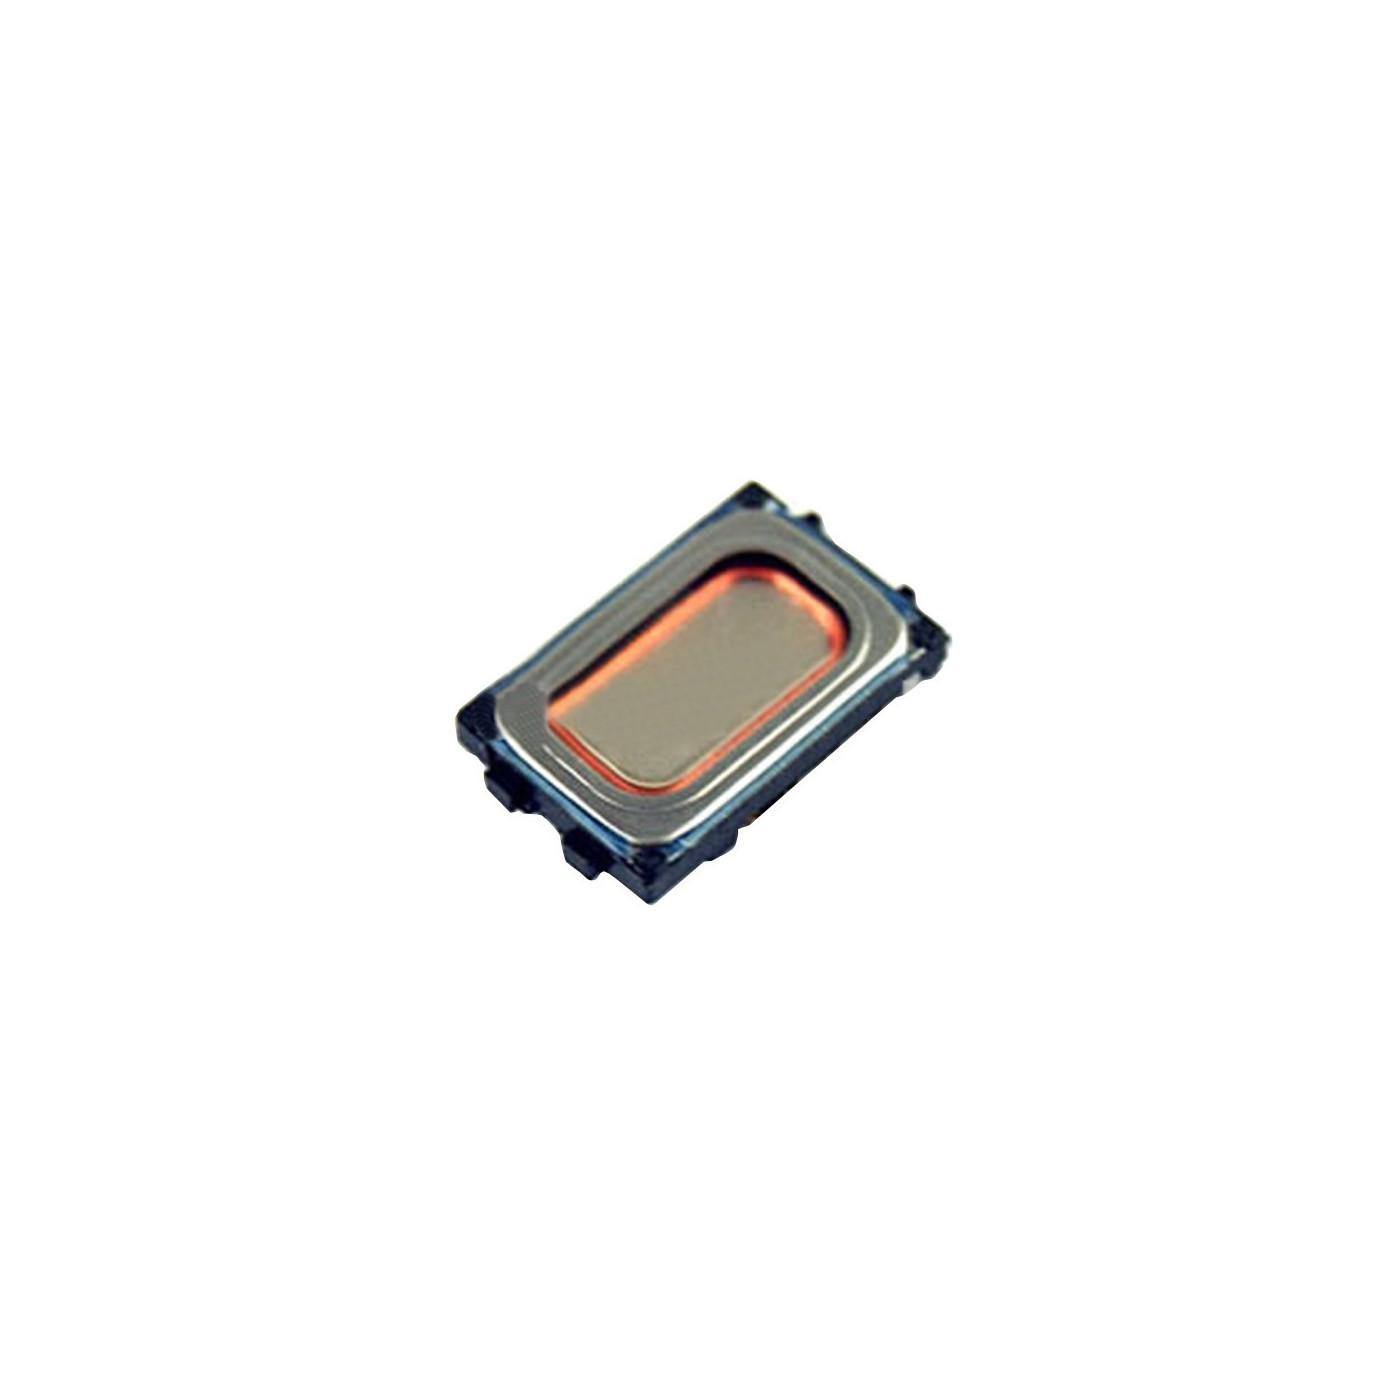 Lautsprecher für Nokia C6-01 - C5-03 Klingelton